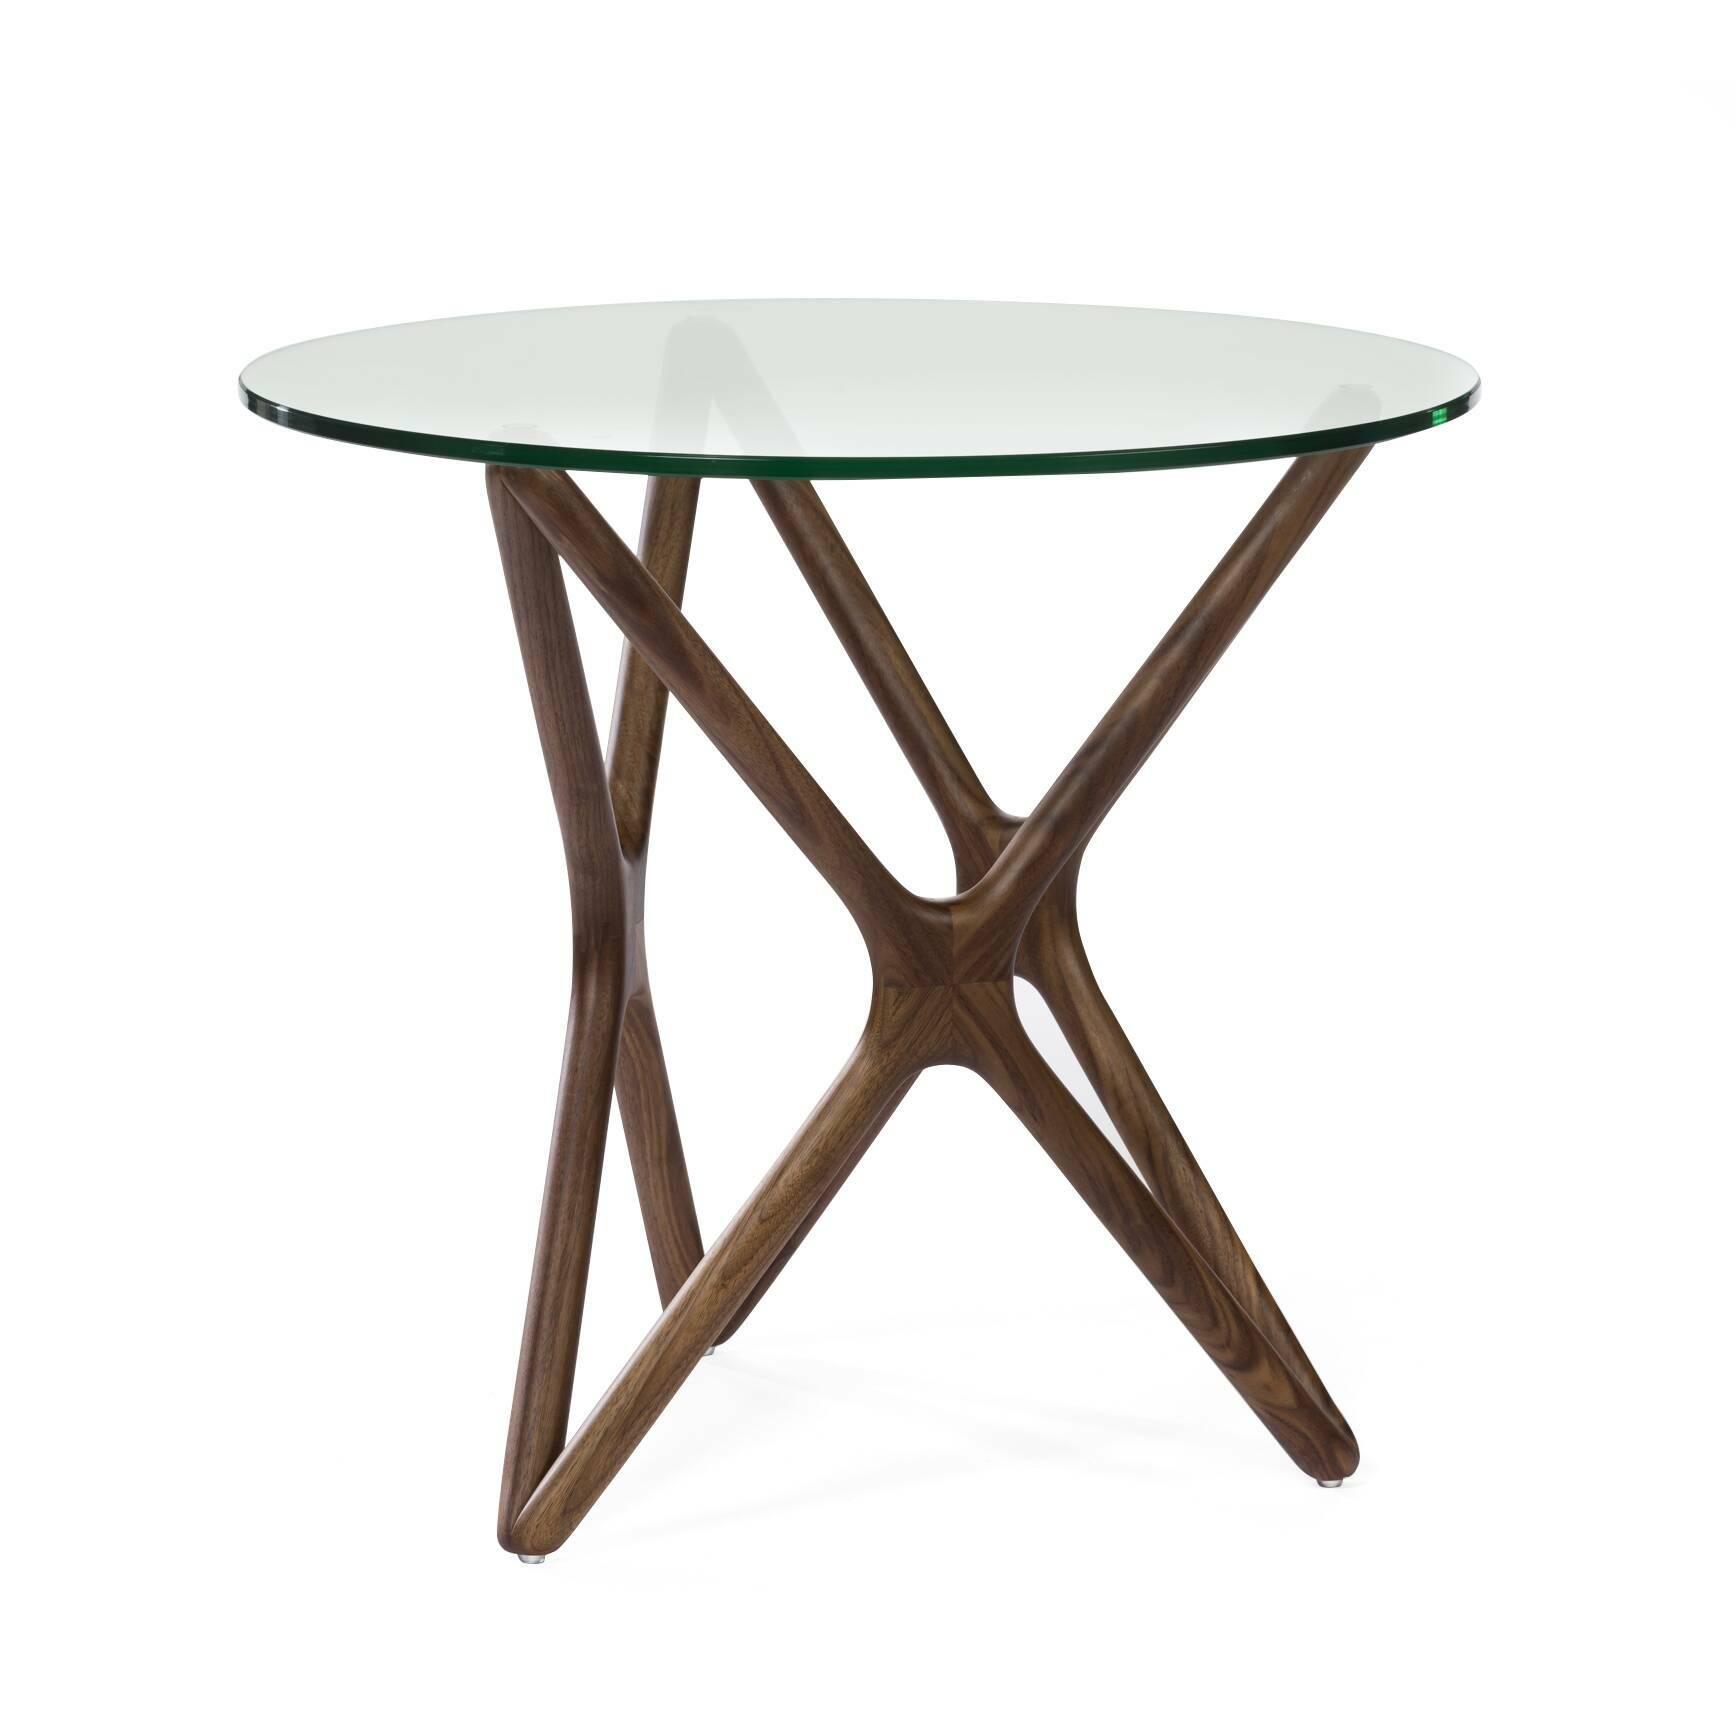 Кофейный стол Triple X высота 51Кофейные столики<br>Дизайнерский креативный кофейный стол Triple X (Трипл Икс) с высотой 51 см с деревянными ножками и стеклянной столешницей от Cosmo (Космо).<br><br>Впечатляющее, привлекательное сочетание стекла и дерева собраны в единую и стройную конструкцию, чтобы создать настоящее произведение искусства для вашего интерьера. Прочные ножки из долговечного американского ореха (в другом варианте — из белого дуба) будто оплетают чистое как слеза стекло, превращаясь в поистине прекрасный и не менее функциональный...<br><br>stock: 6<br>Высота: 51<br>Диаметр: 55<br>Цвет ножек: Орех американский<br>Цвет столешницы: Прозрачный<br>Материал ножек: Массив ореха<br>Тип материала столешницы: Стекло закаленное<br>Тип материала ножек: Дерево